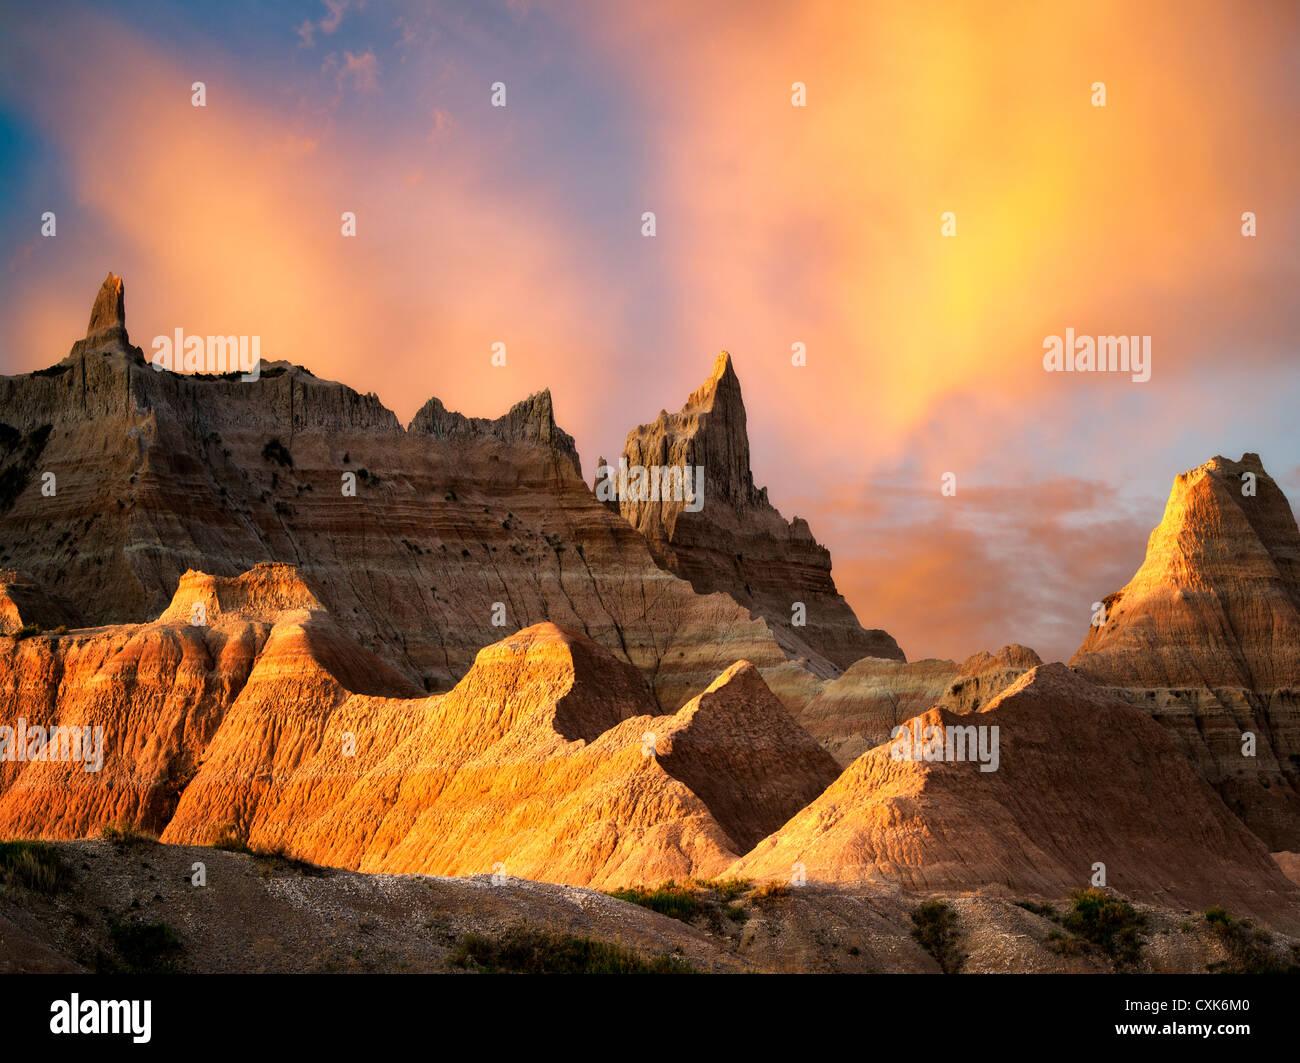 Formaciones rocosas erosionadas en el Parque Nacional Badlands, Dakota del Sur. Foto de stock